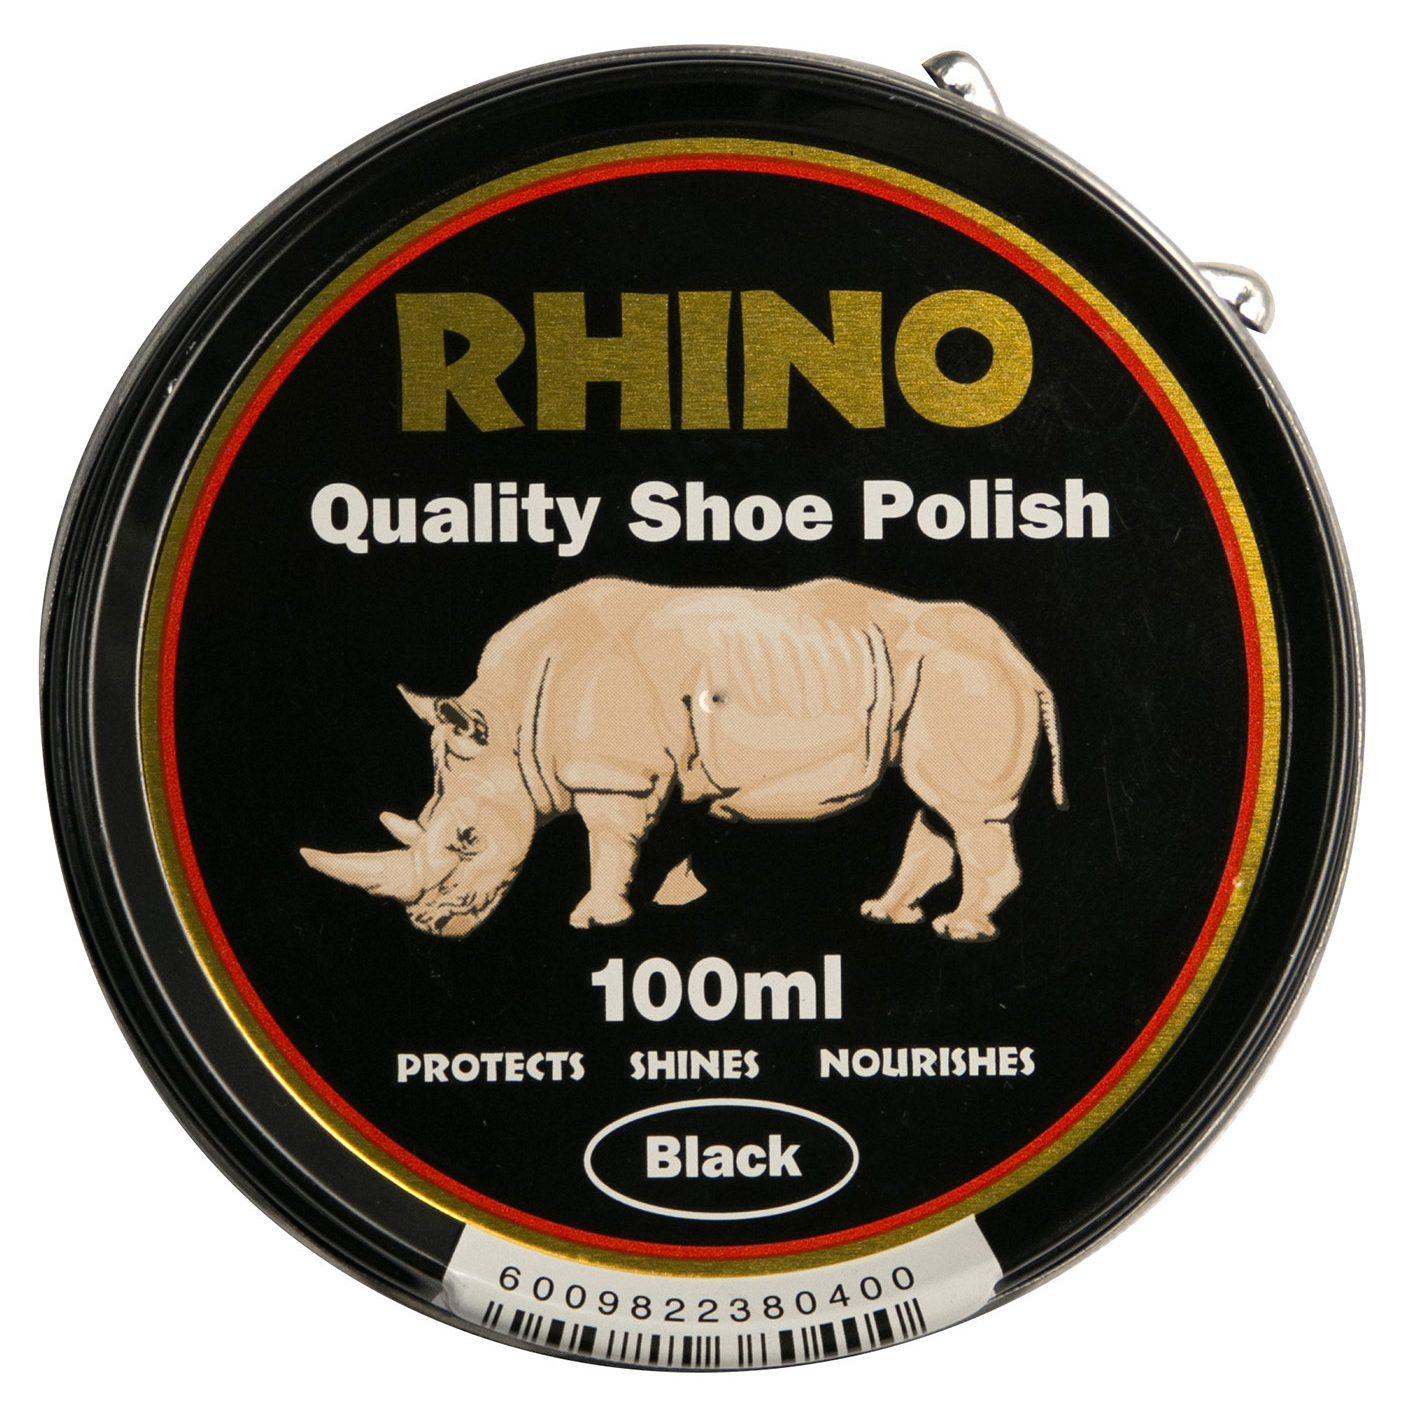 Rhino Shoe Polish Black 100ml